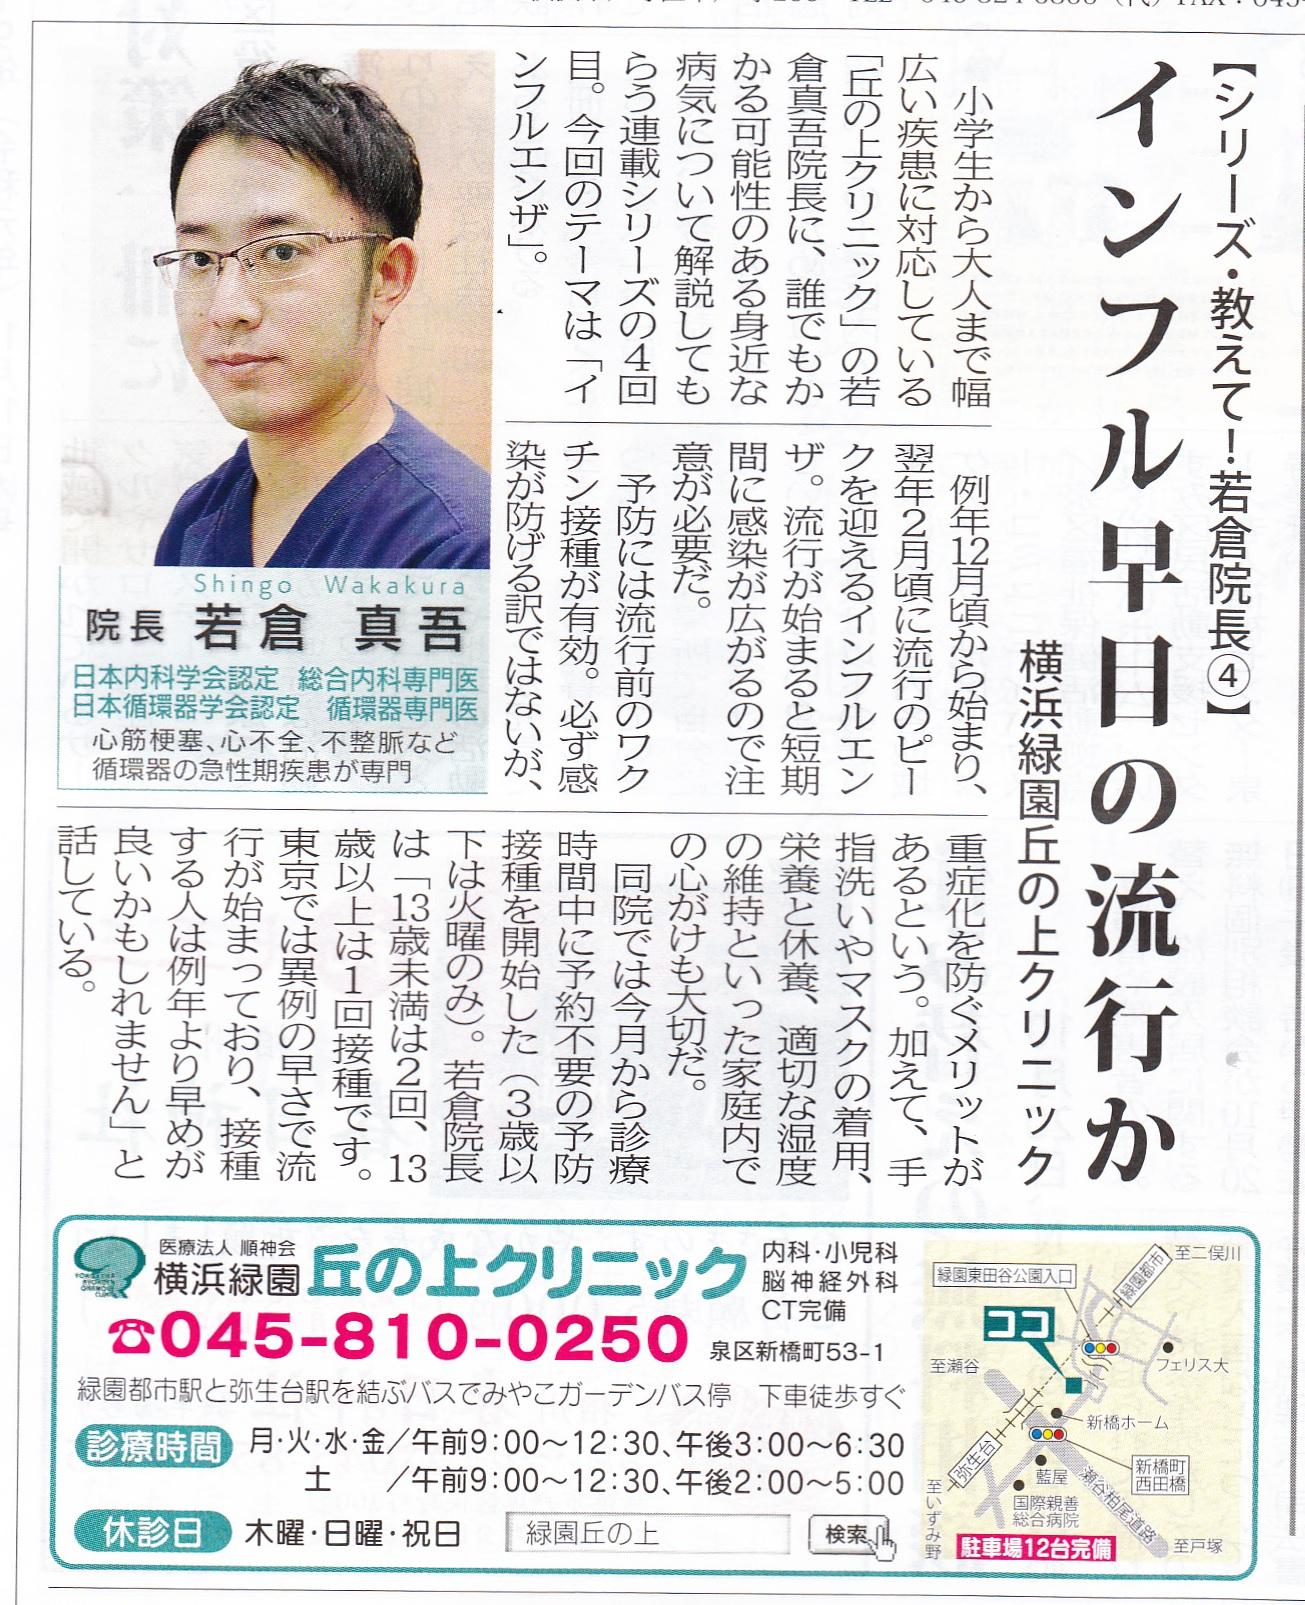 20191010タウンニュース.jpg